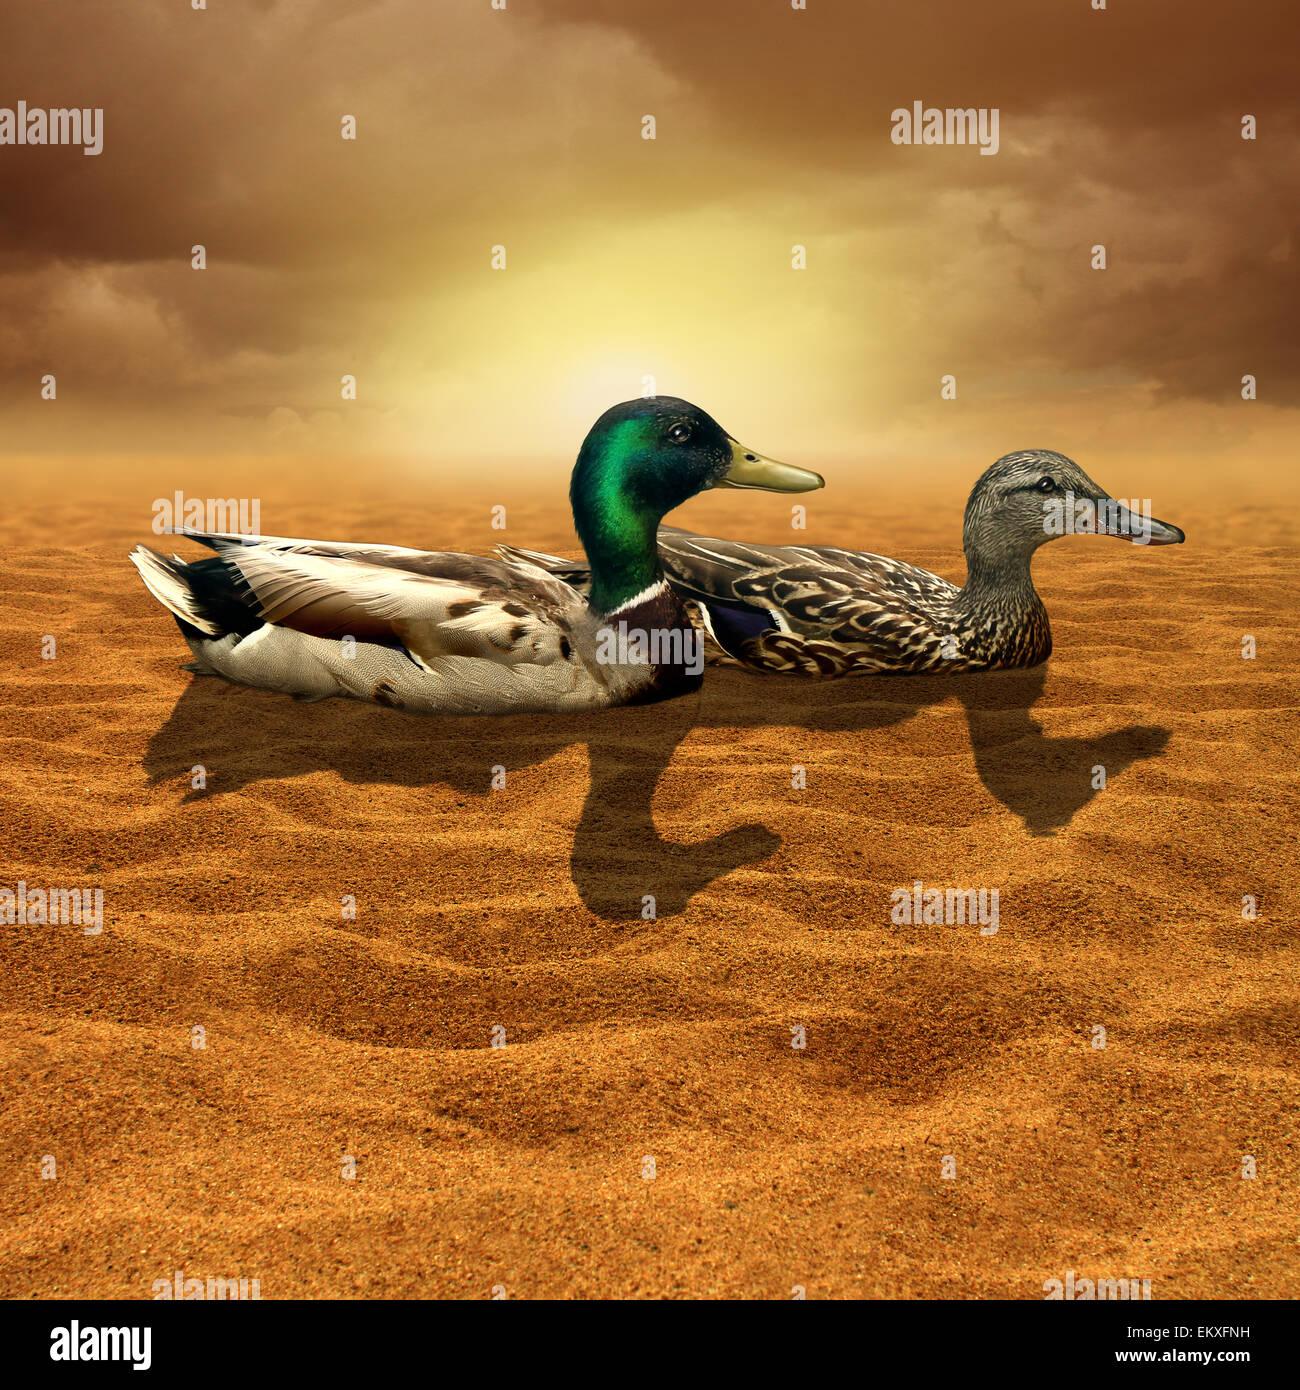 Changement climatique et possibilité limitée concept comme une paire de canards au milieu d'un désert Photo Stock